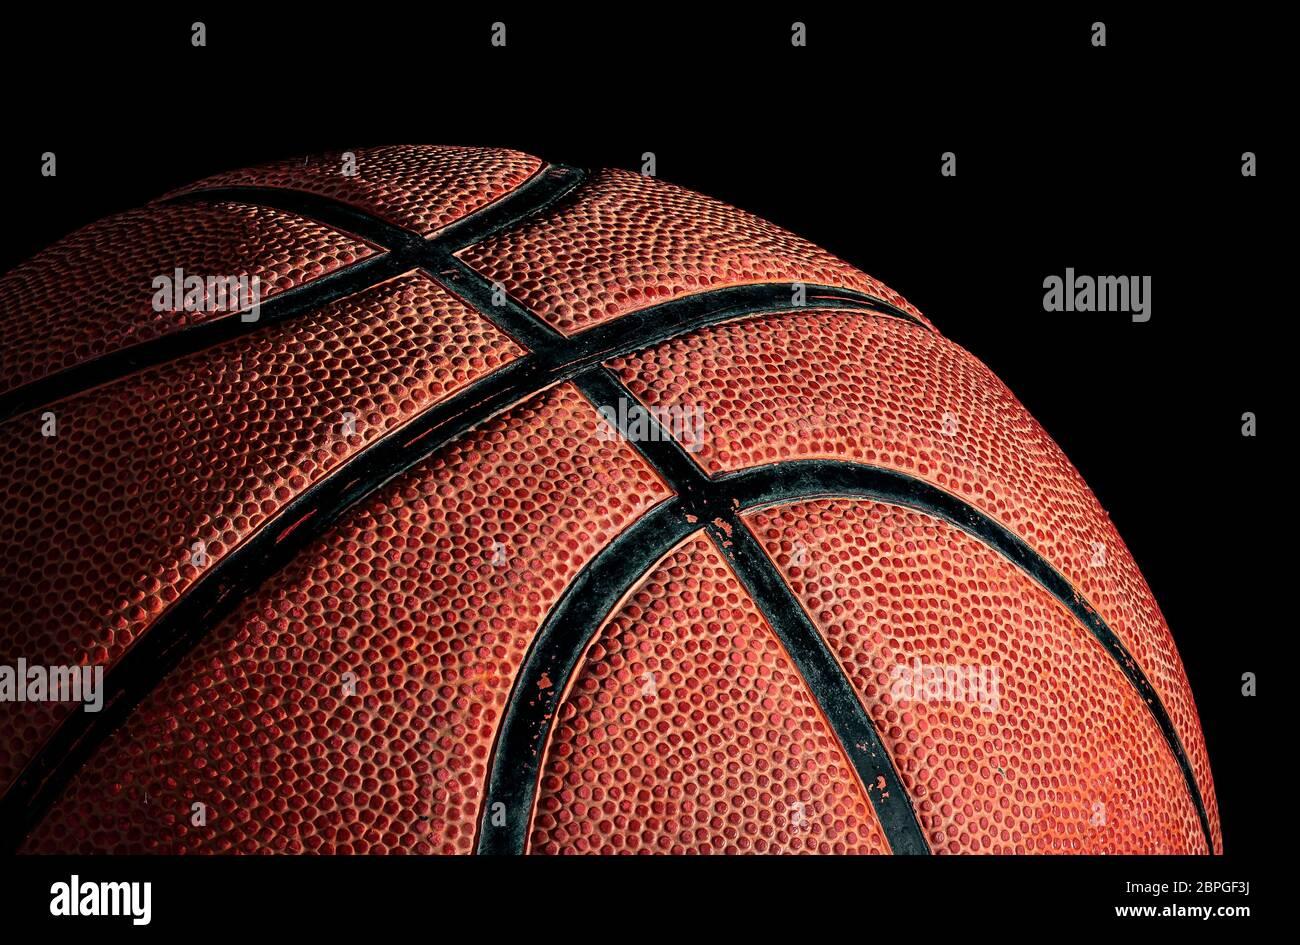 Une partie de basket-ball ball allumé par le haut. Sur un fond noir. Vue de côté. Banque D'Images